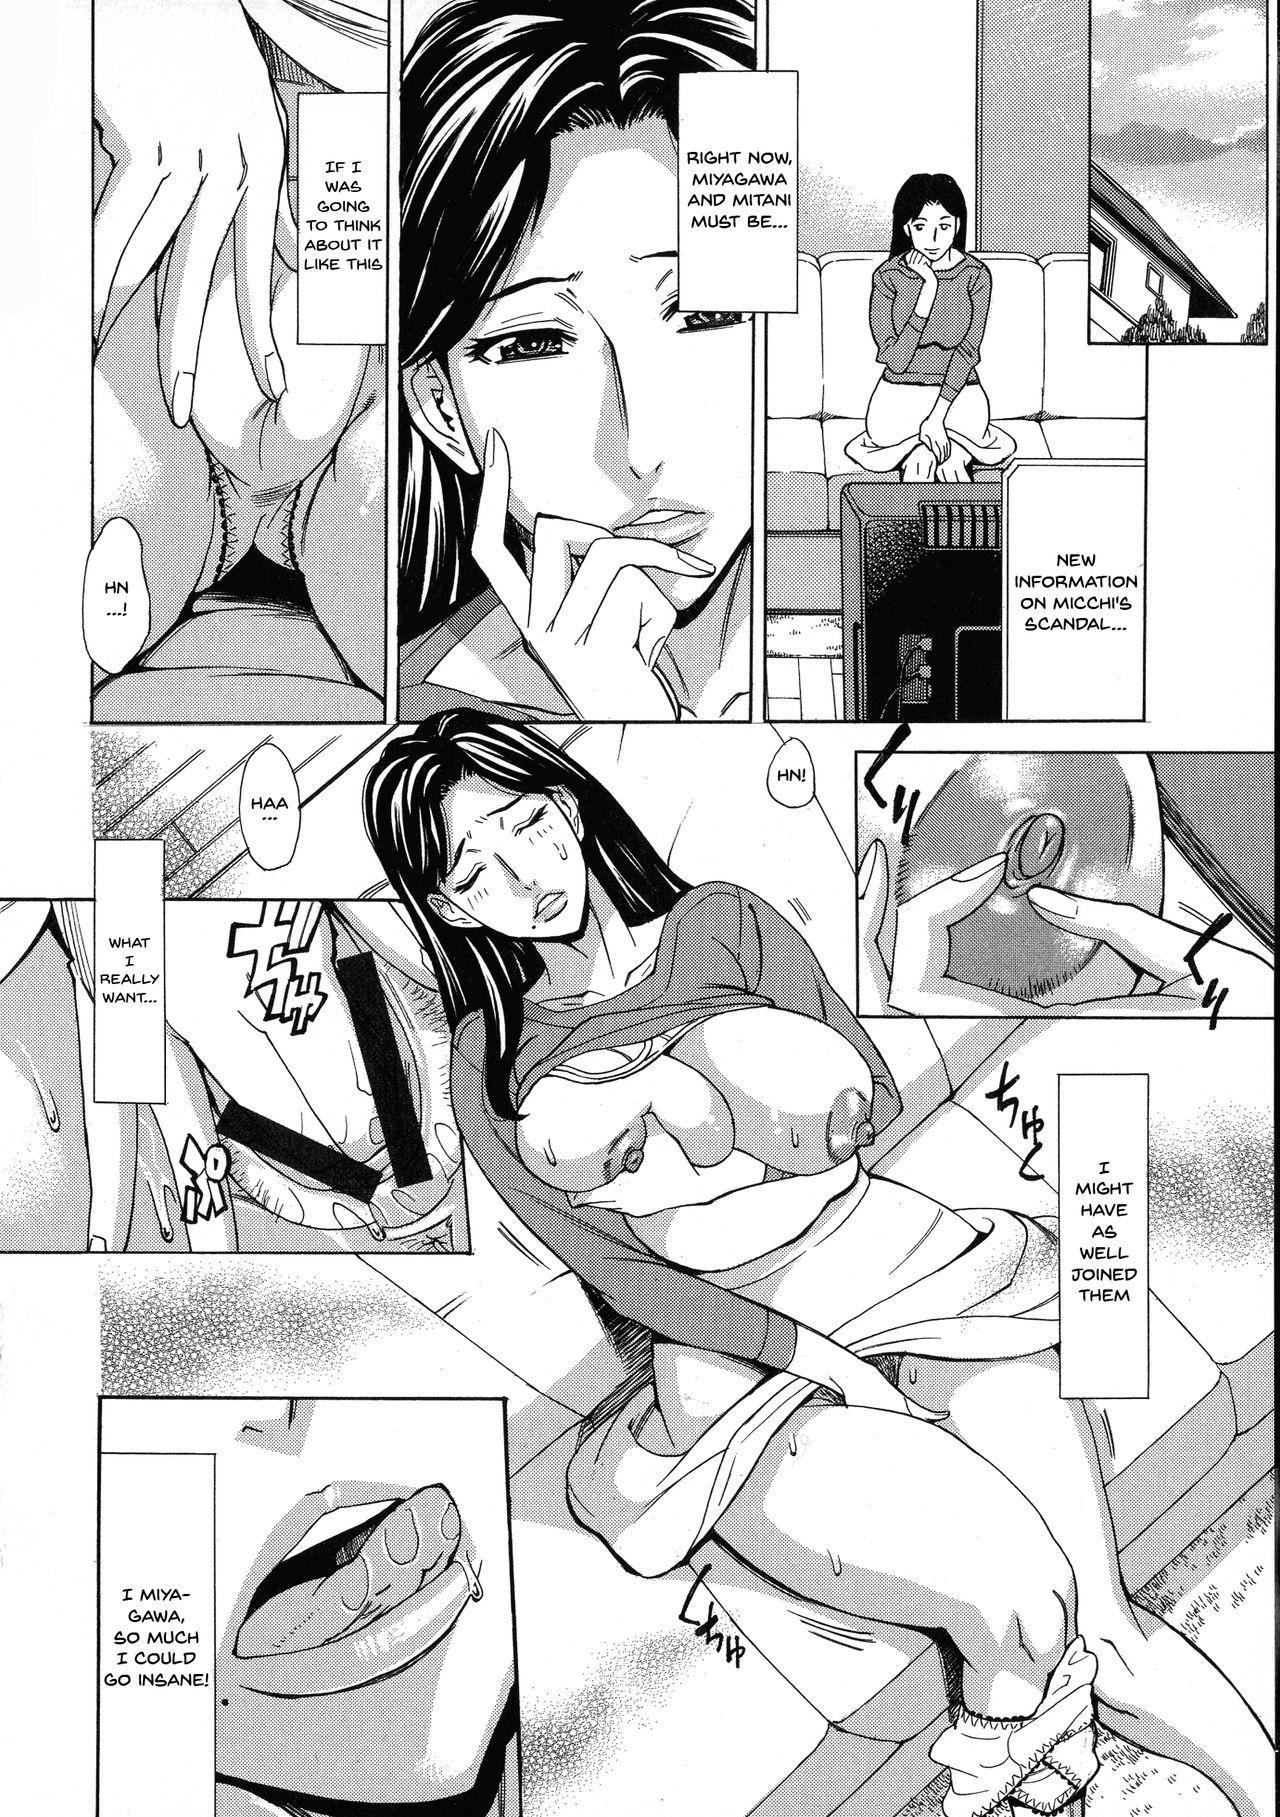 [Makibe Kataru] Hitozuma Koi Hanabi ~Hajimete no Furin ga 3P ni Itaru made~ Ch.1-9 [English] {Doujins.com} 80